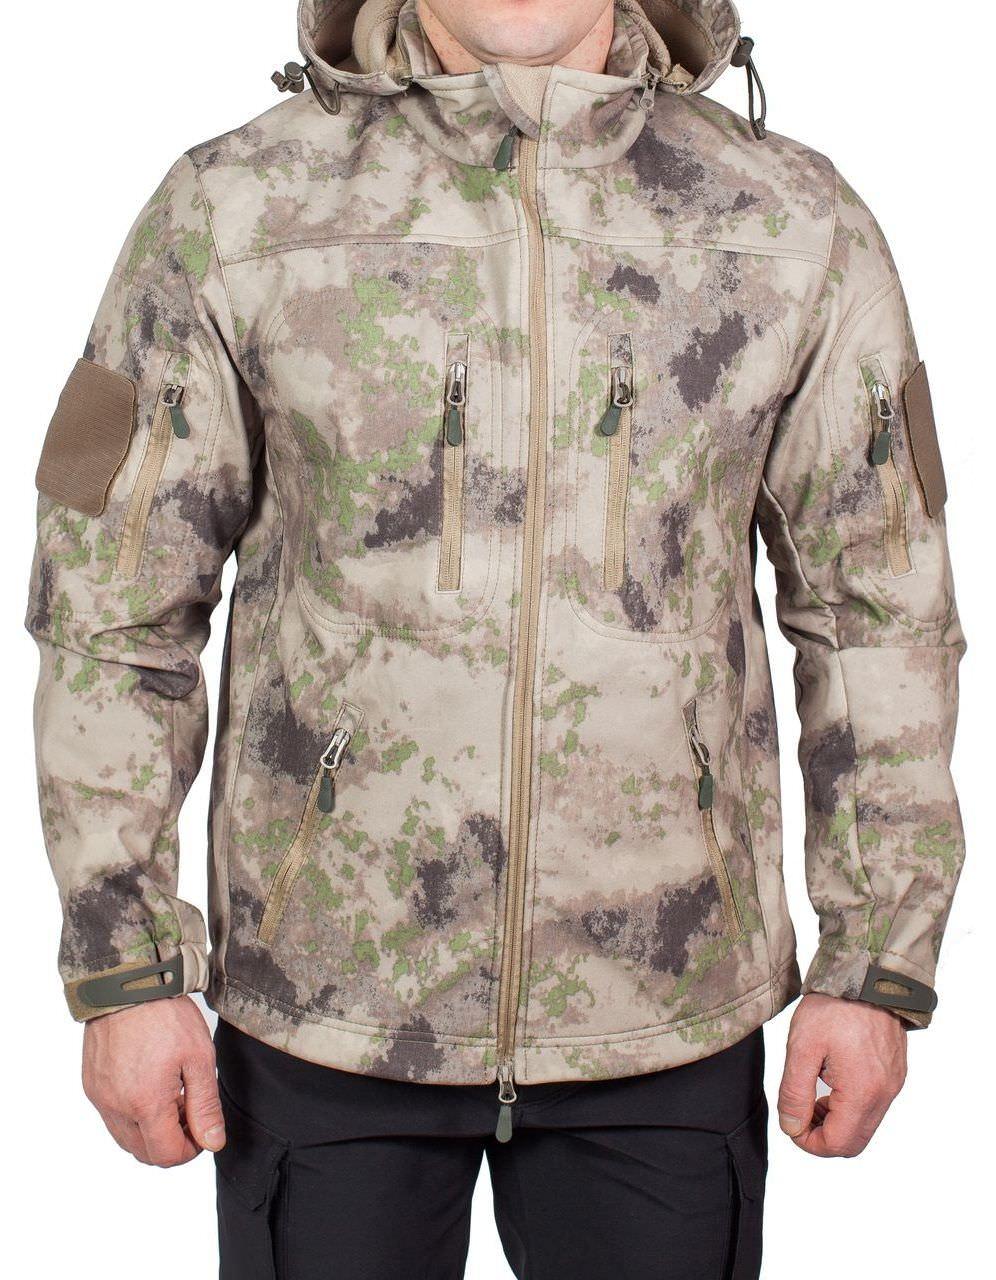 Куртка МПА-26-01 КМФ (софтшелл, песок), Magellan Куртки софтшелл (Softshell)<br>Куртка МПА-26-01 предназначена для поддержания <br>комфортной температуры тела в холодное <br>время года при активной физической деятельности, <br>при ветре и дожде. Эффективно отводит пар <br>от тела, не пропускает влагу извне. ХАРАКТЕРИСТИКИ <br>ЗАЩИТА ОТ ХОЛОДА ЗАЩИТА ОТ ДОЖДЯ И ВЕТРА <br>ДЛЯ ИНТЕНСИВНЫХ НАГРУЗОК ДЛЯ АКТИВНОГО <br>ОТДЫХА ТОЛЬКО РУЧНАЯ СТИРКА МАТЕРИАЛЫ СОФТШЕЛЛ <br>ФЛИС МЕМБРАНА<br><br>Пол: мужской<br>Размер: 60<br>Рост: 188<br>Сезон: демисезонный<br>Цвет: бежевый<br>Материал: мембрана